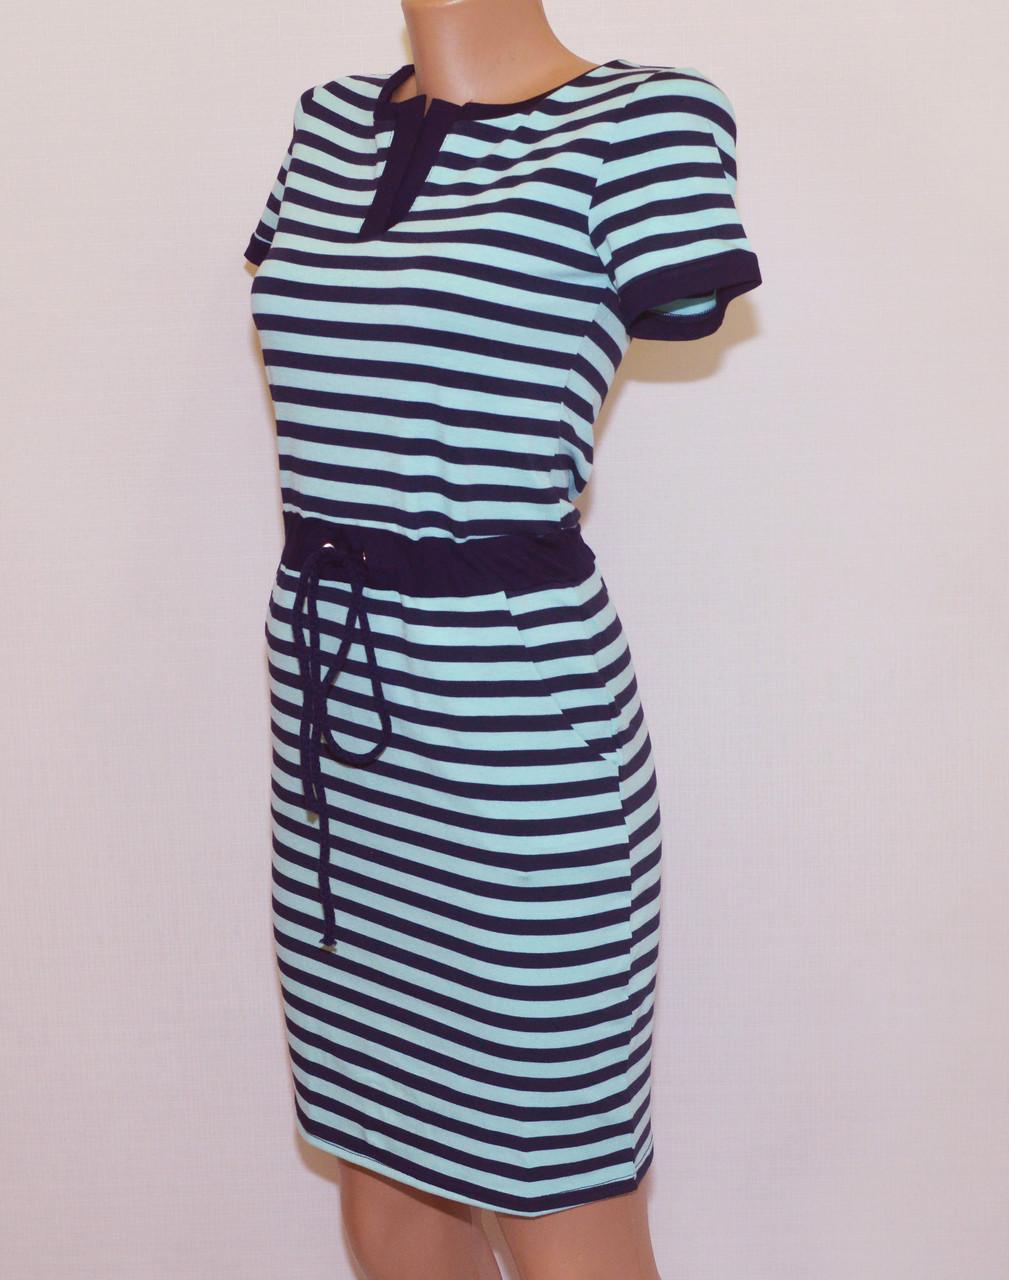 Сарафан - платье трикотаж 530 (42-44)